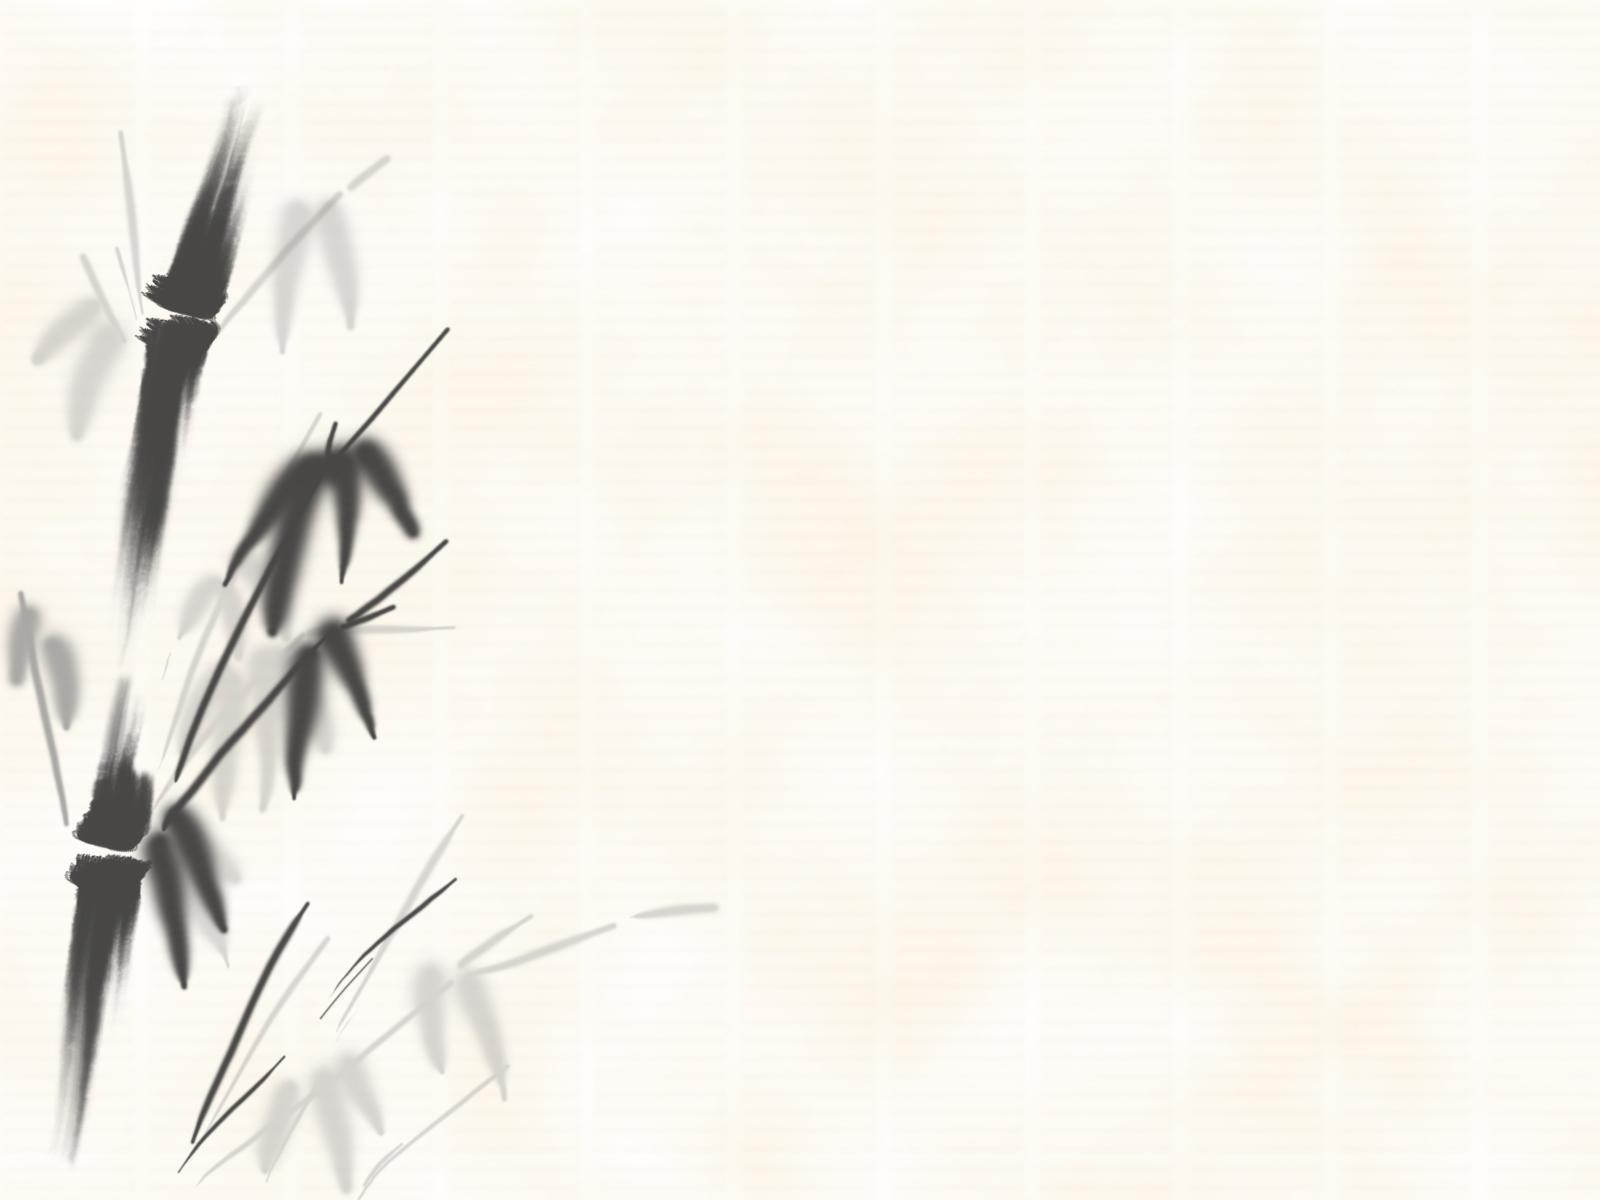 http://3.bp.blogspot.com/-_JdqZzjJQn0/Tq0MT4vSgpI/AAAAAAAABeE/fJ7igkWChYw/s1600/Sumi_e_Bamboo_Wallpaper_by_Mattski.jpg